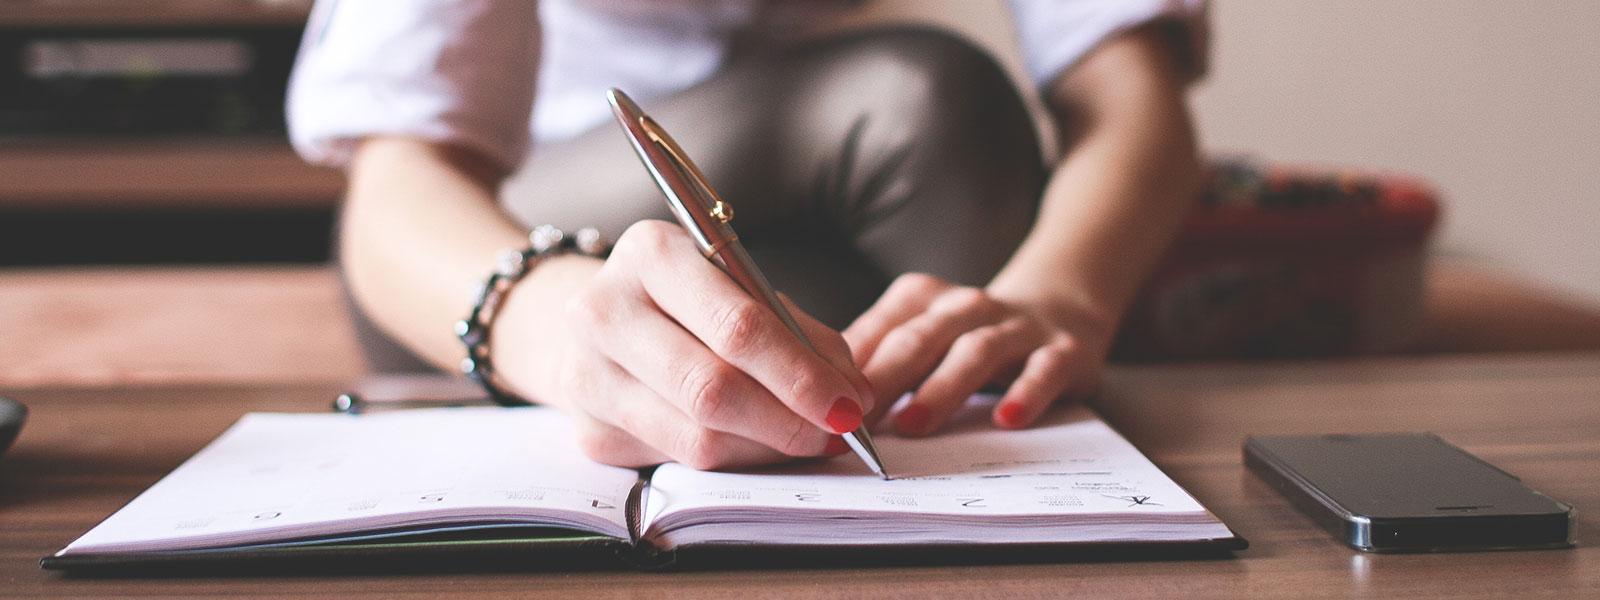 long-writer